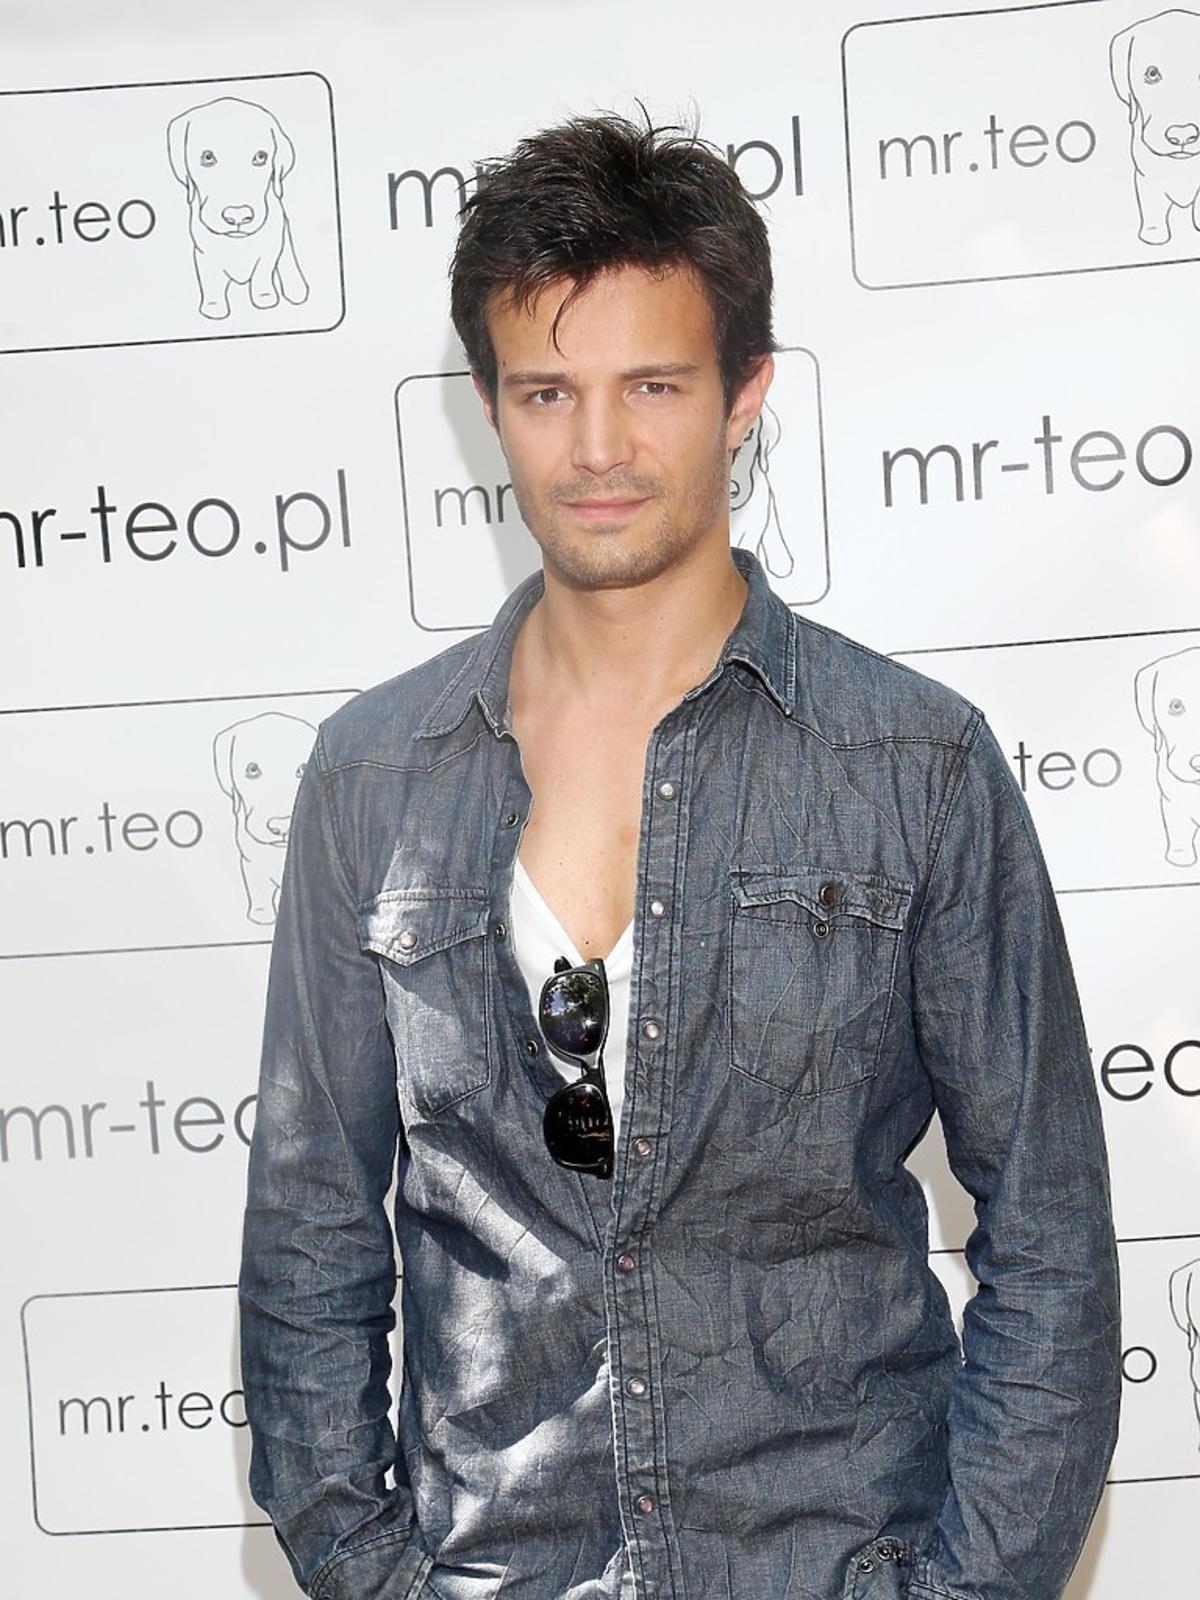 Mikołaj Krawczyk w jeansowej stylizacji